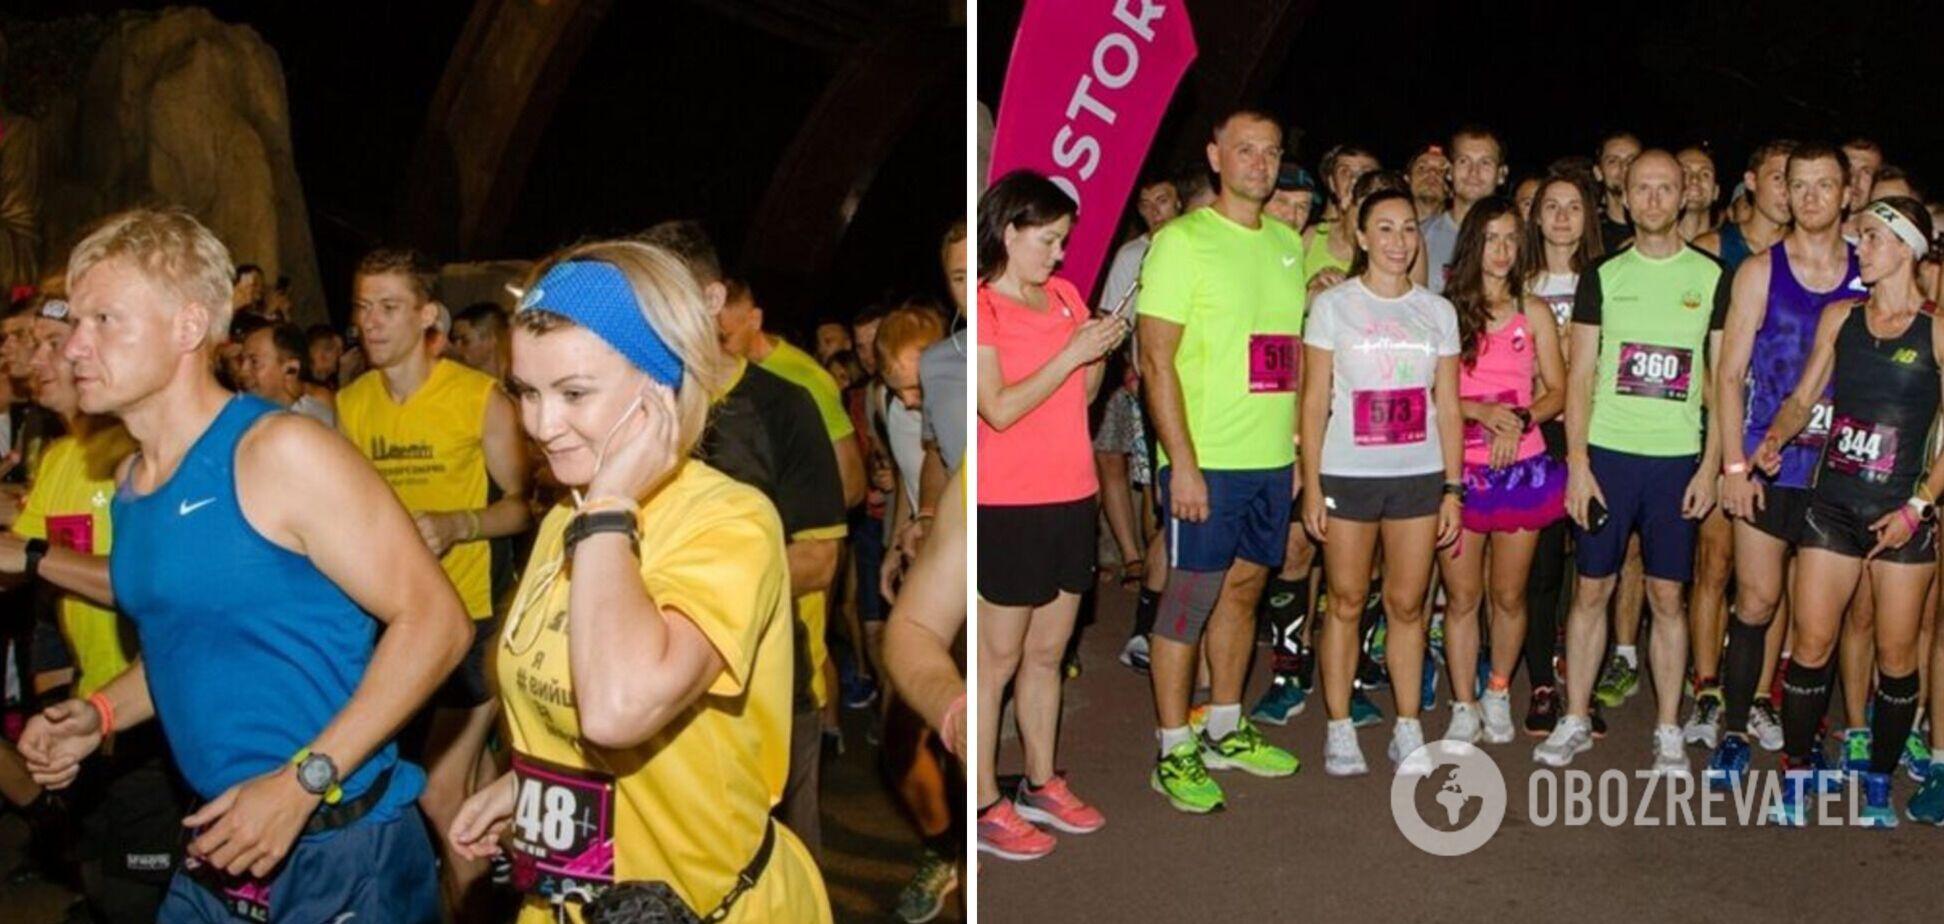 У Дніпрі відбувся забіг '10k Night Run': фото яскравої спортивної події